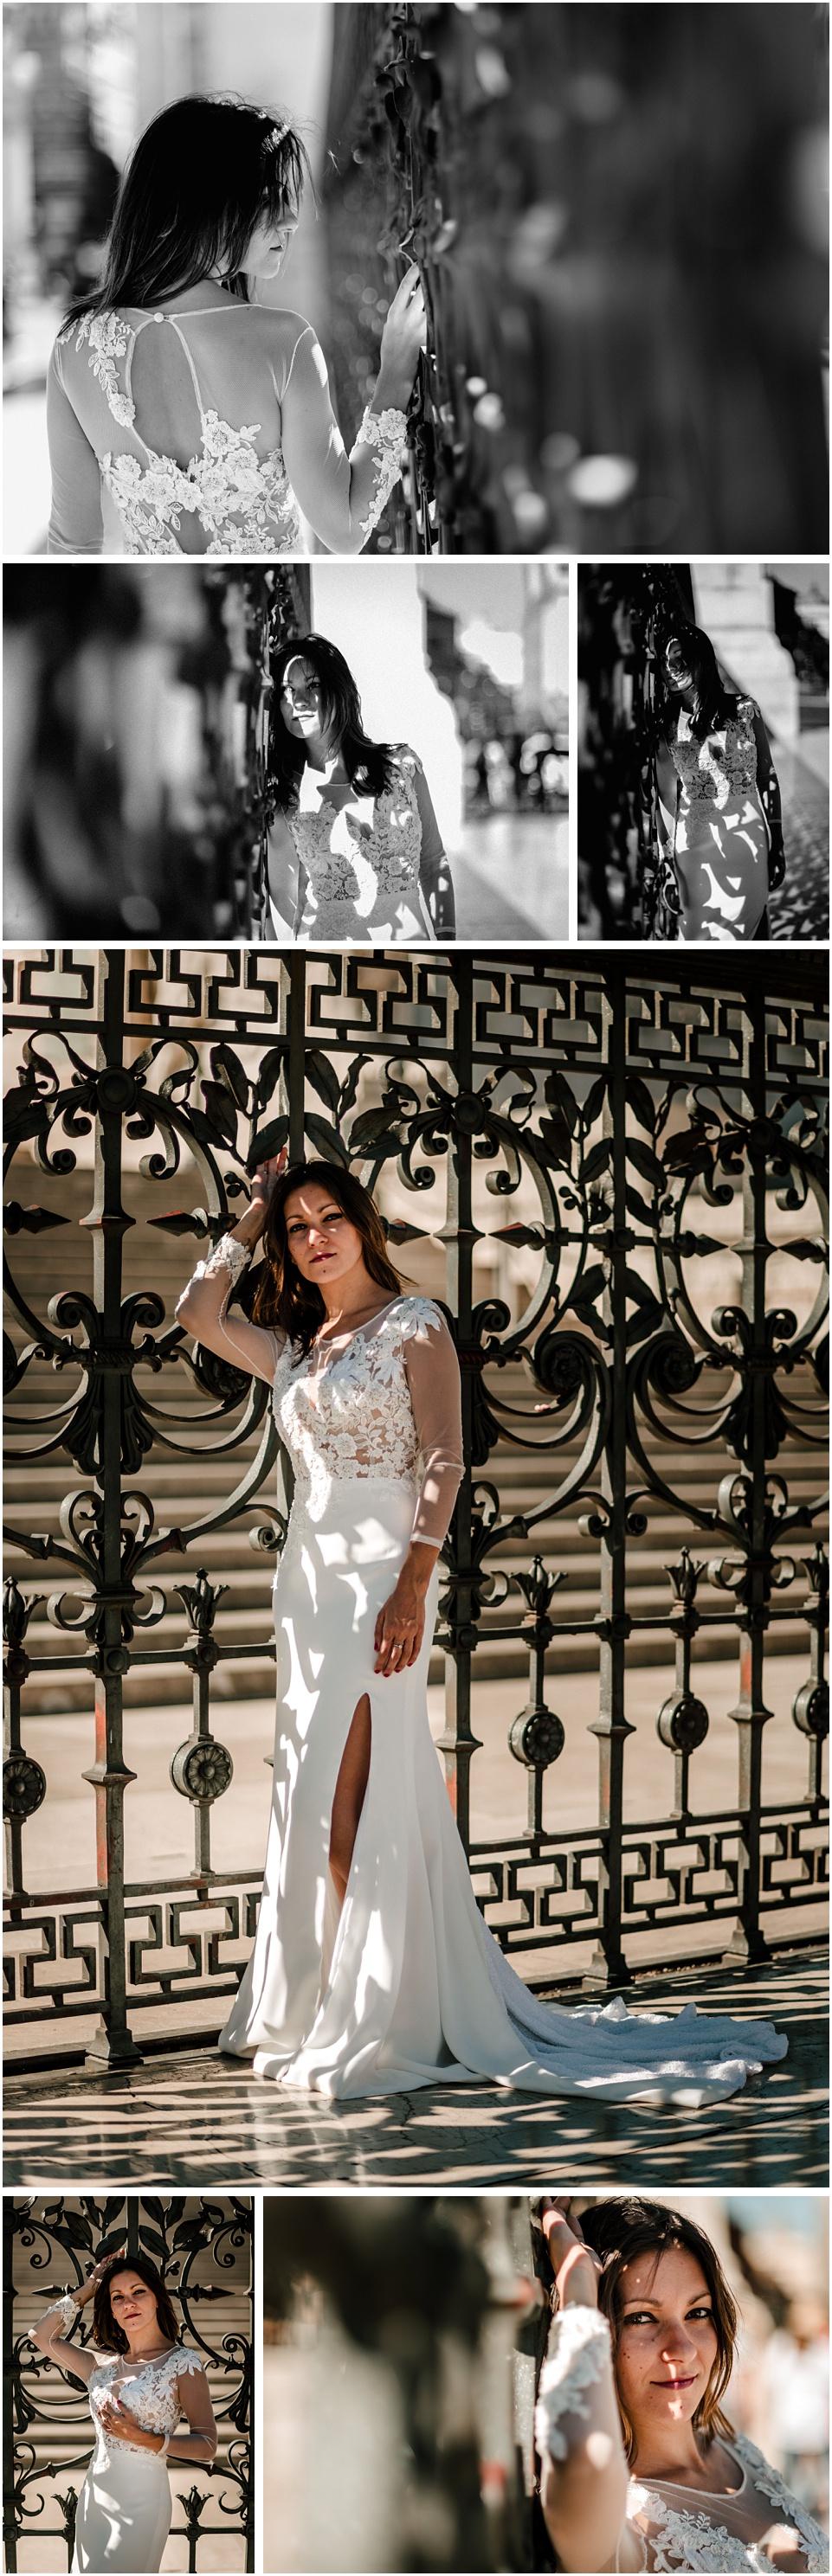 mujer vestida de novia en el monumento a la patria, Roma